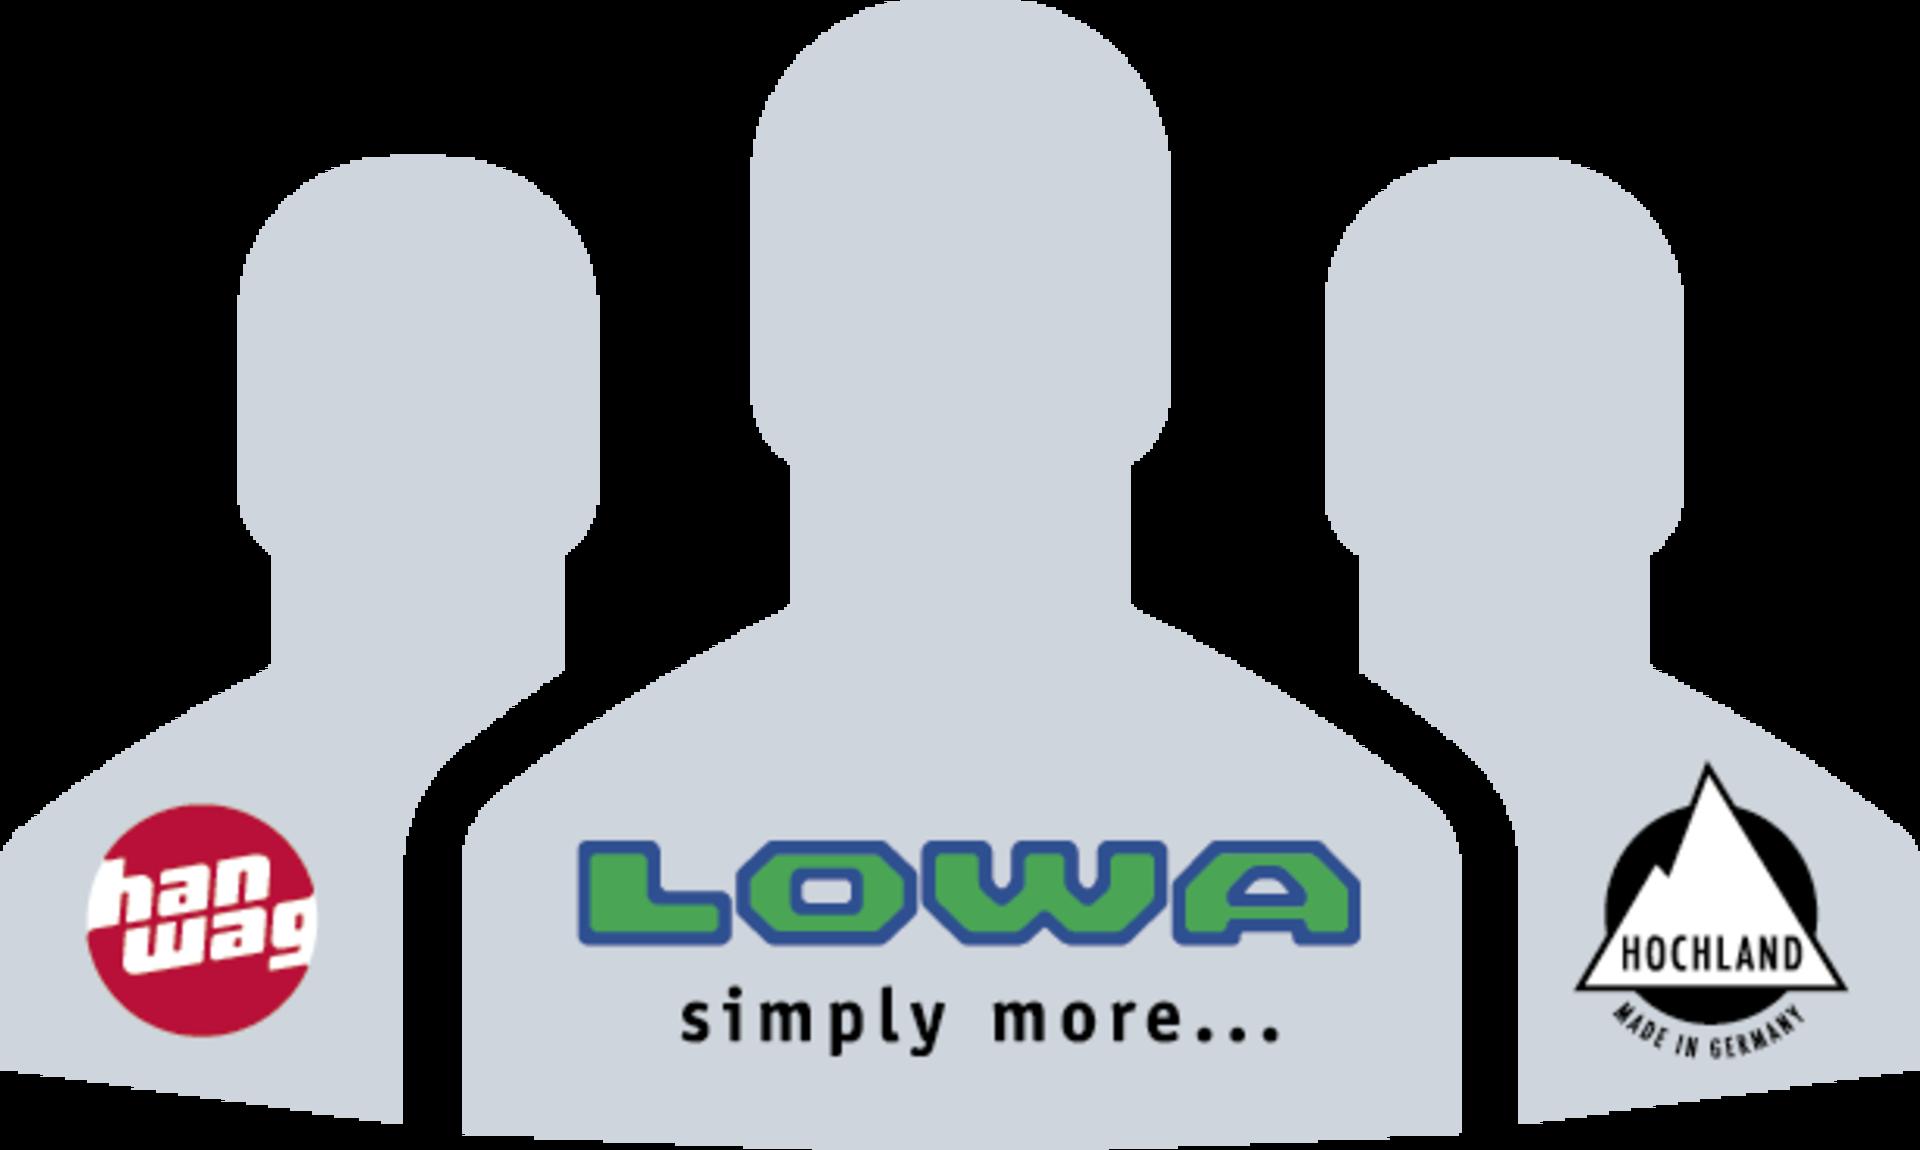 LOWA wurde 1923 von LOrenz WAgner im bayerischen Jetzendorf gegründet. Fun Fact: Bei der Familie Wagner wurde Unternehmergeist groß geschrieben. Alle drei Brüder gründeten Unternehmen: Hans Wagner gründete die Firma hanwag und Adolf Wagner gründete die Firma Hochland.